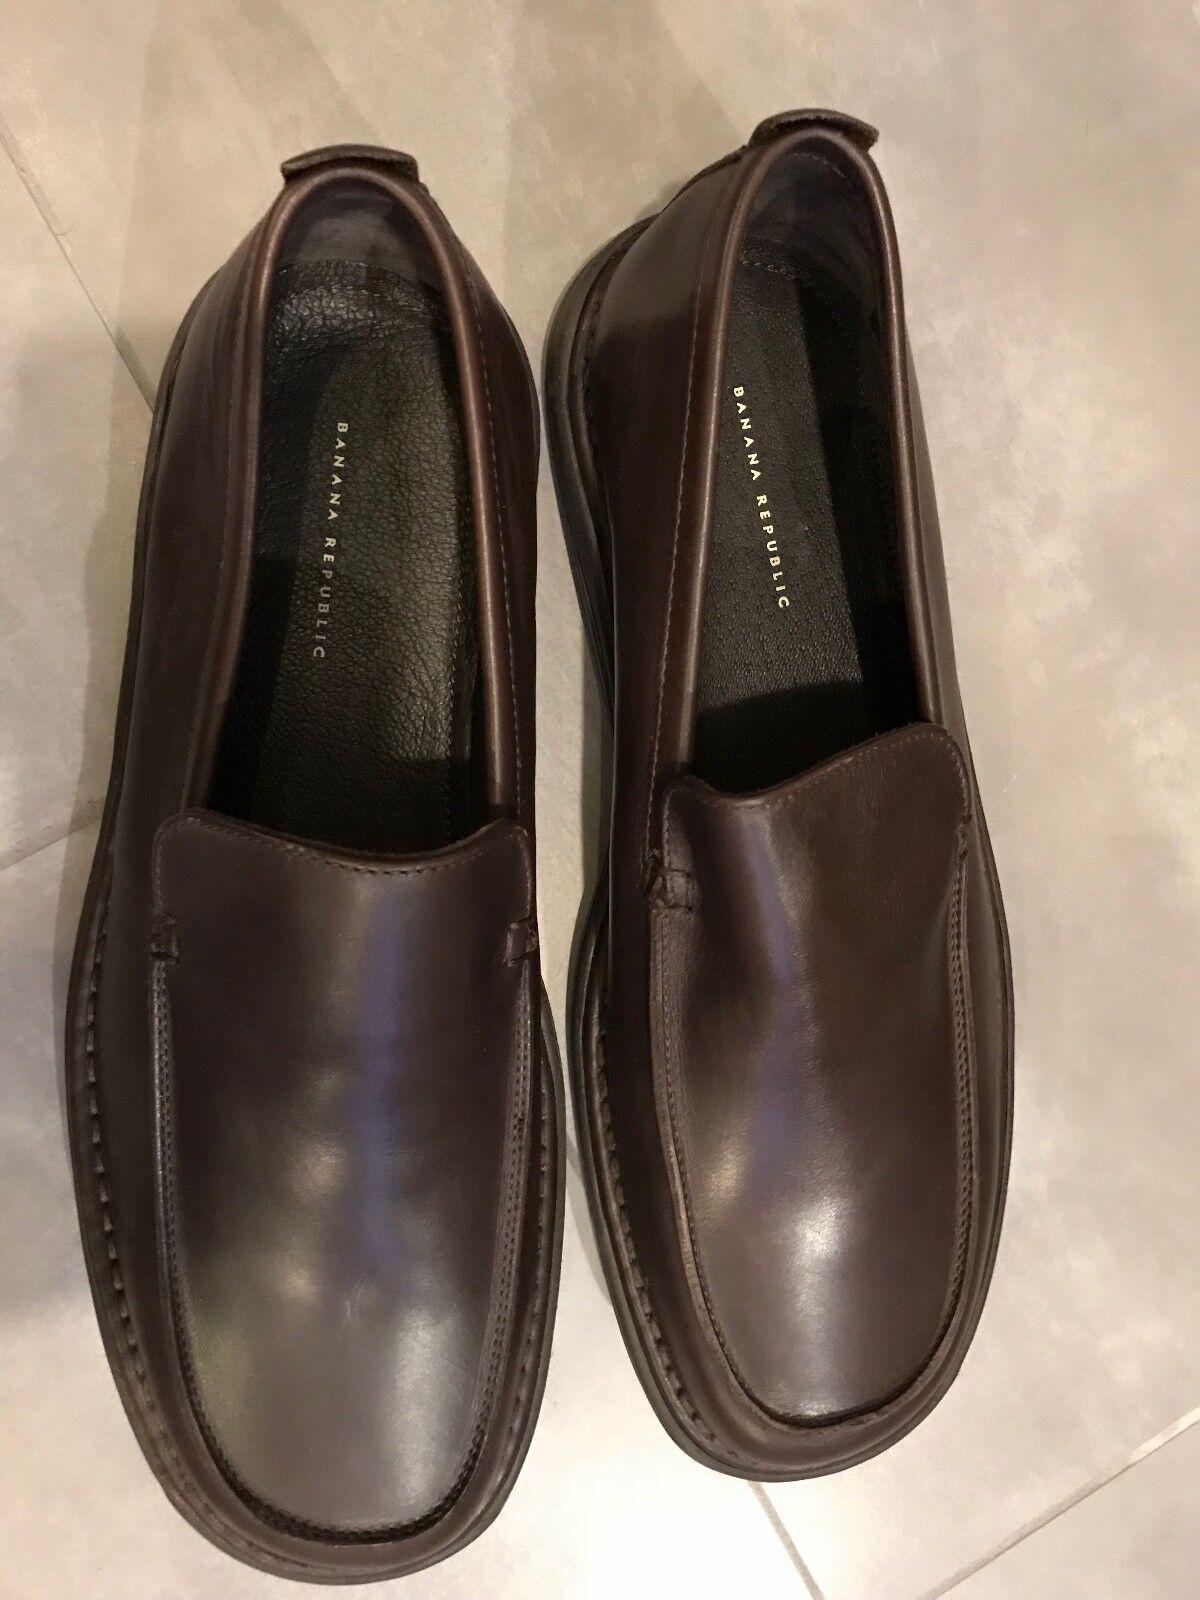 BRAND NEW Banana Republic Dark Brown Rich Leather Loafer, Size 11, Made in Italy Scarpe classiche da uomo